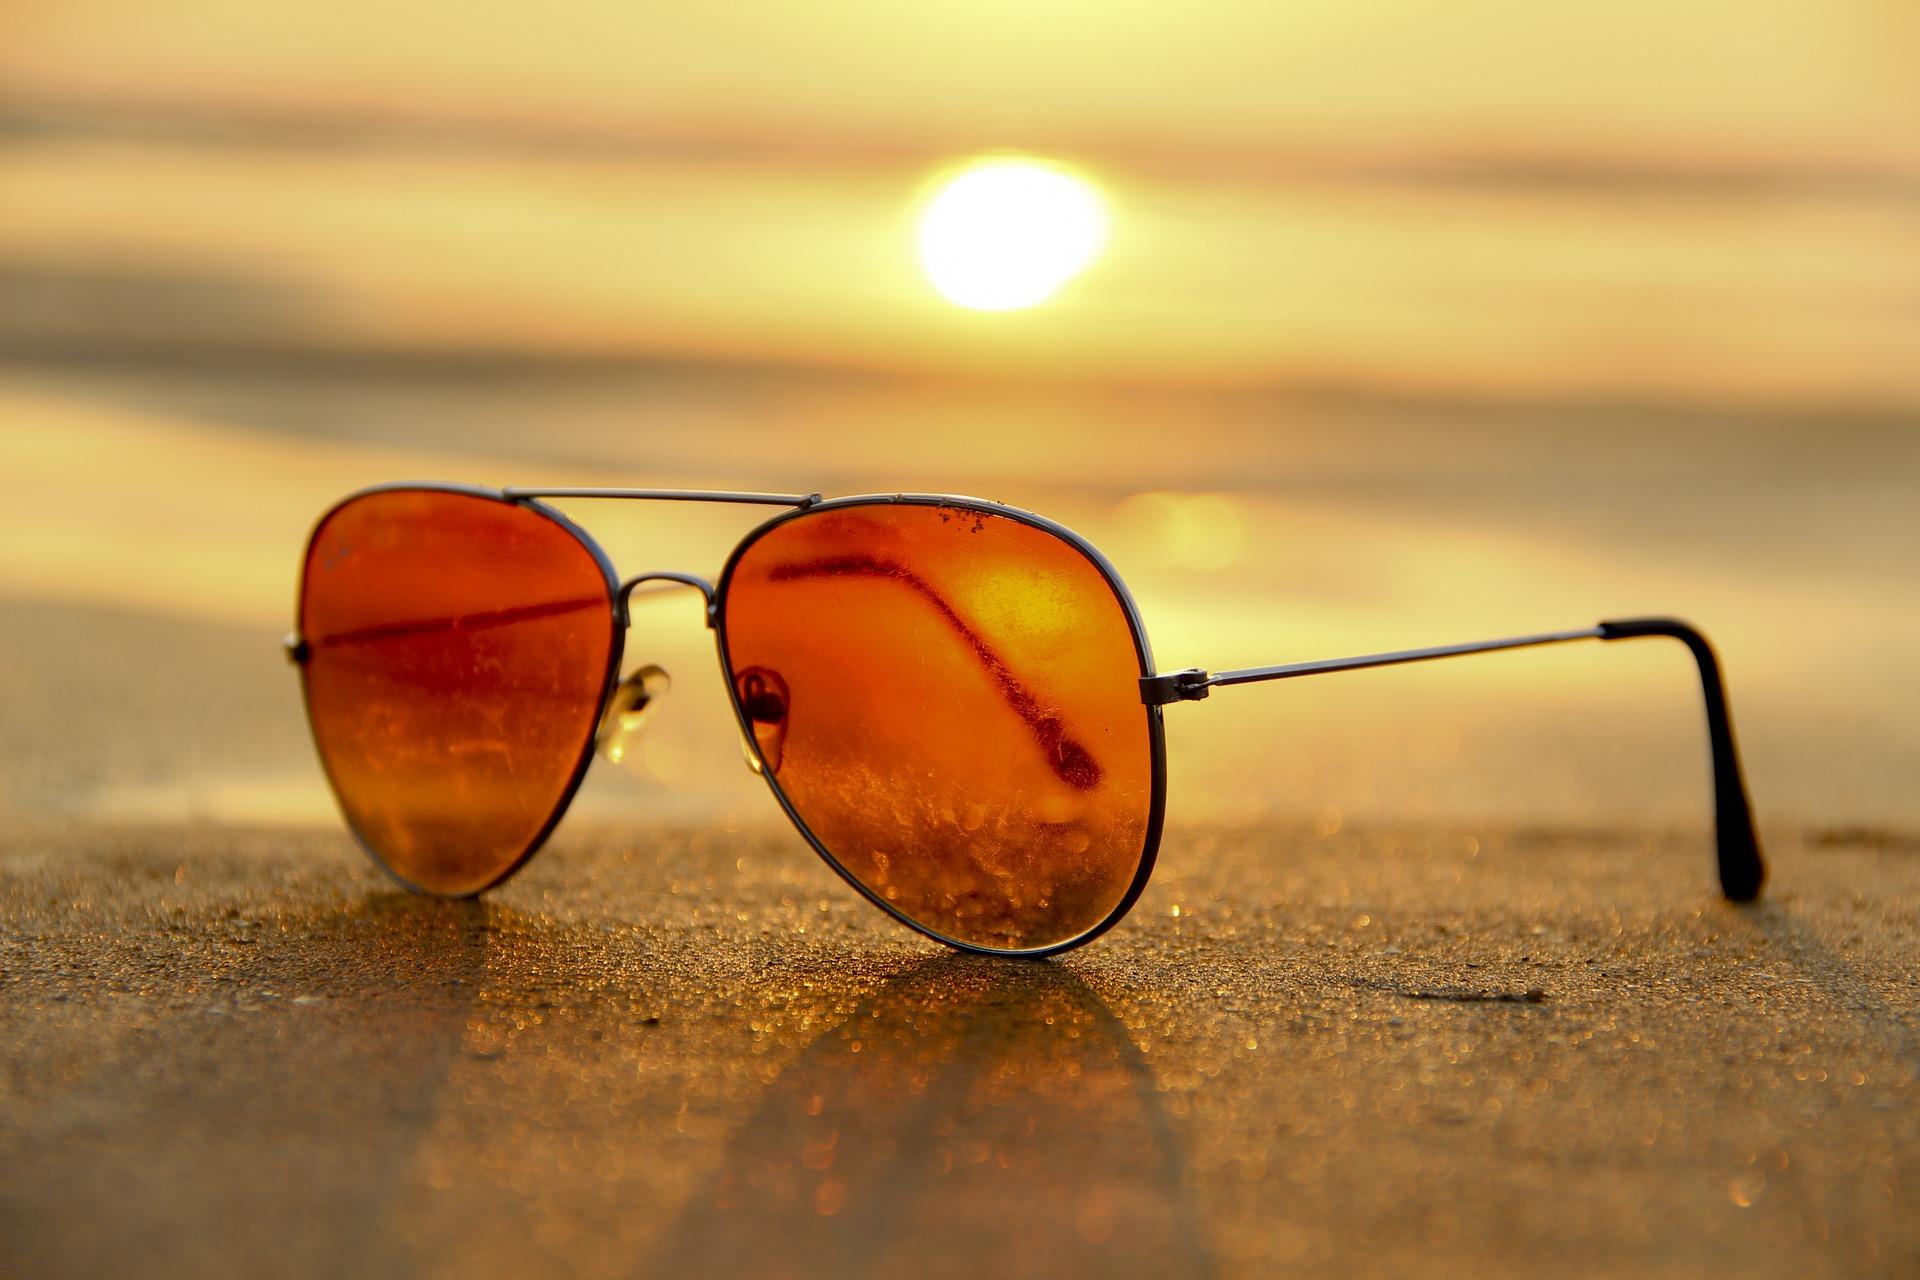 הסודות נחשפים: איך לקנות משקפי שמש אונליין?